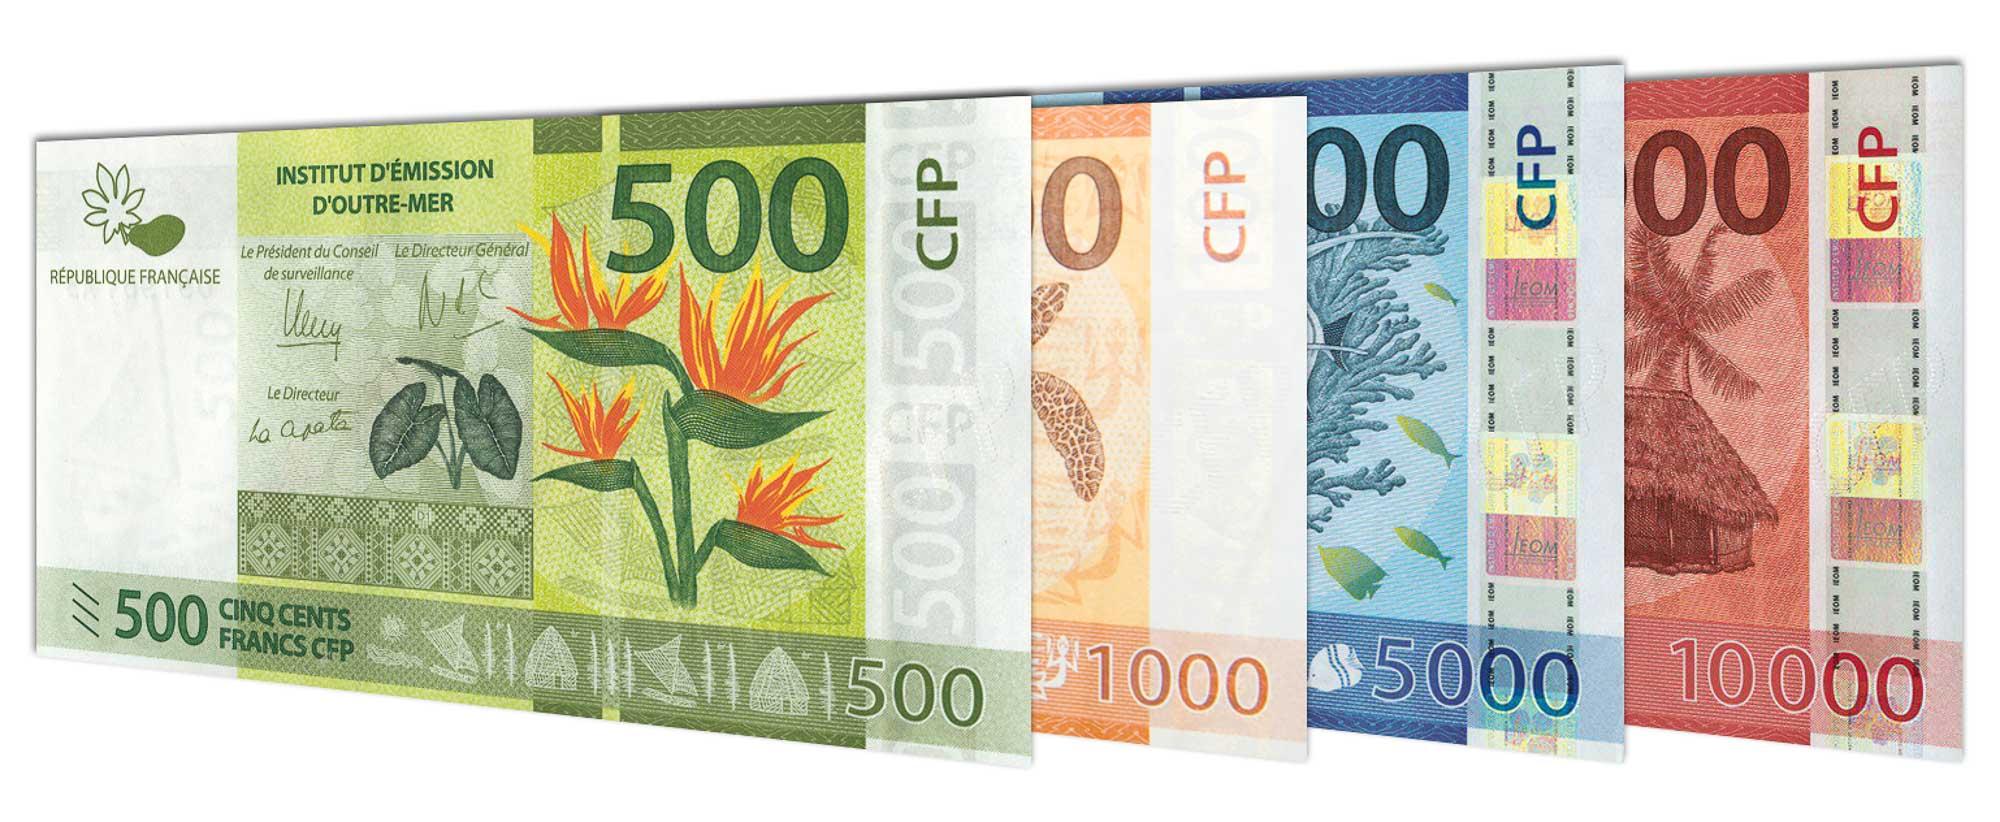 Cfp Francs Online Xpf Delivered